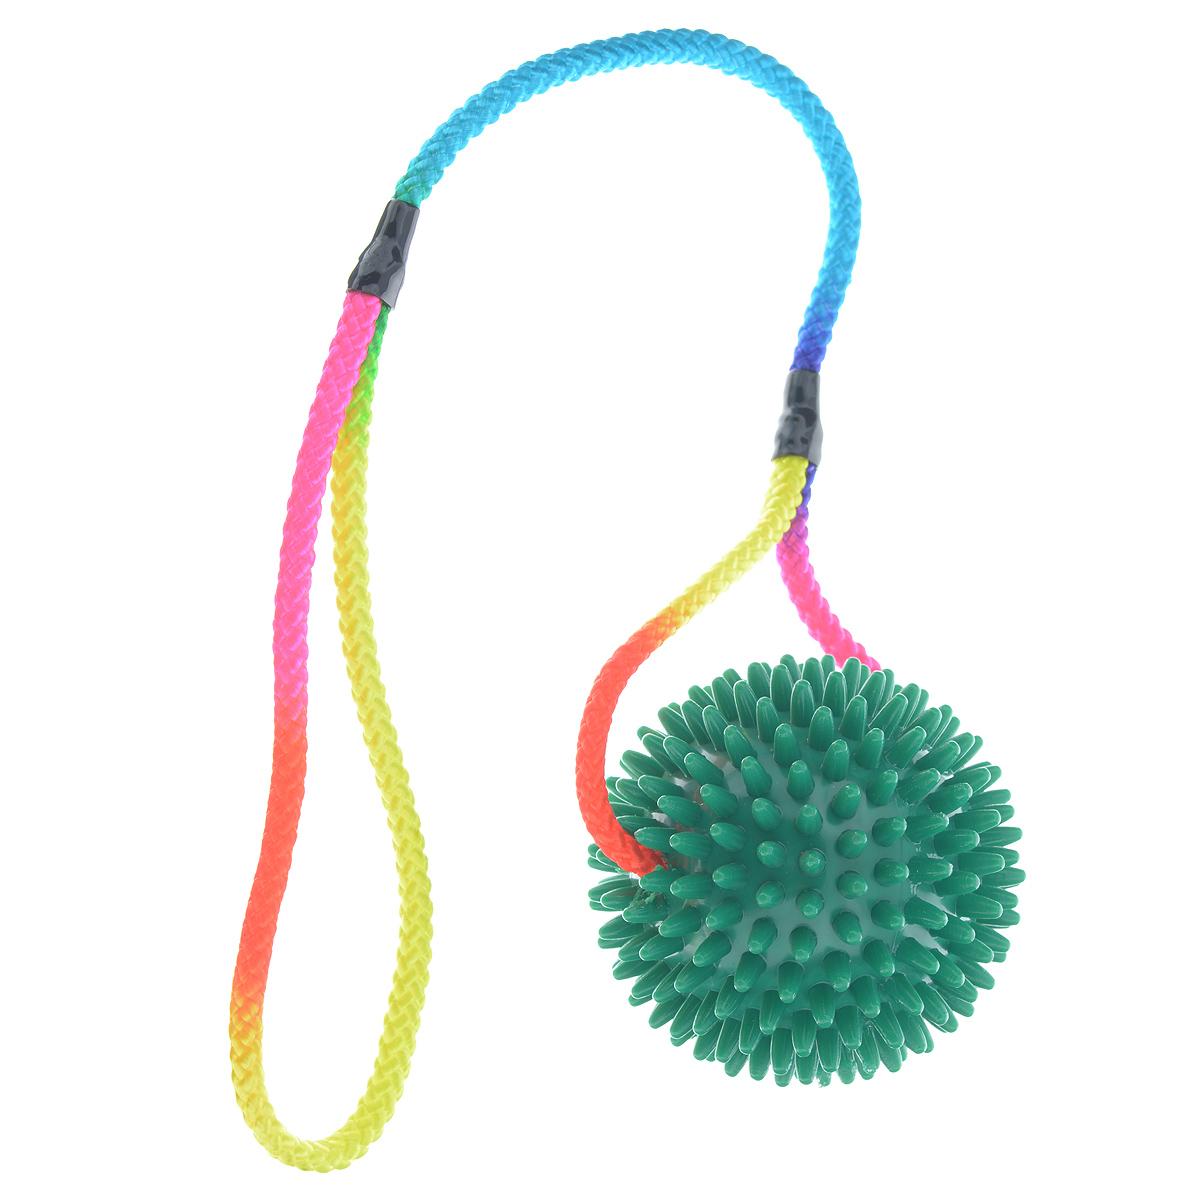 Игрушка для собак V.I.Pet Массажный мяч, на шнуре, цвет: зеленый, диаметр 9 см770950_зеленыйИгрушка для собак V.I.Pet Массажный мяч, изготовленная из ПВХ, предназначена для массажа и самомассажа рефлексогенных зон. Она имеет мягкие закругленные массажные шипы, эффективно массирующие и не травмирующие кожу. Сквозь мяч продет шнур. Игрушка не позволит скучать вашему питомцу ни дома, ни на улице. Диаметр: 9 см. Длина шнура: 50 см.